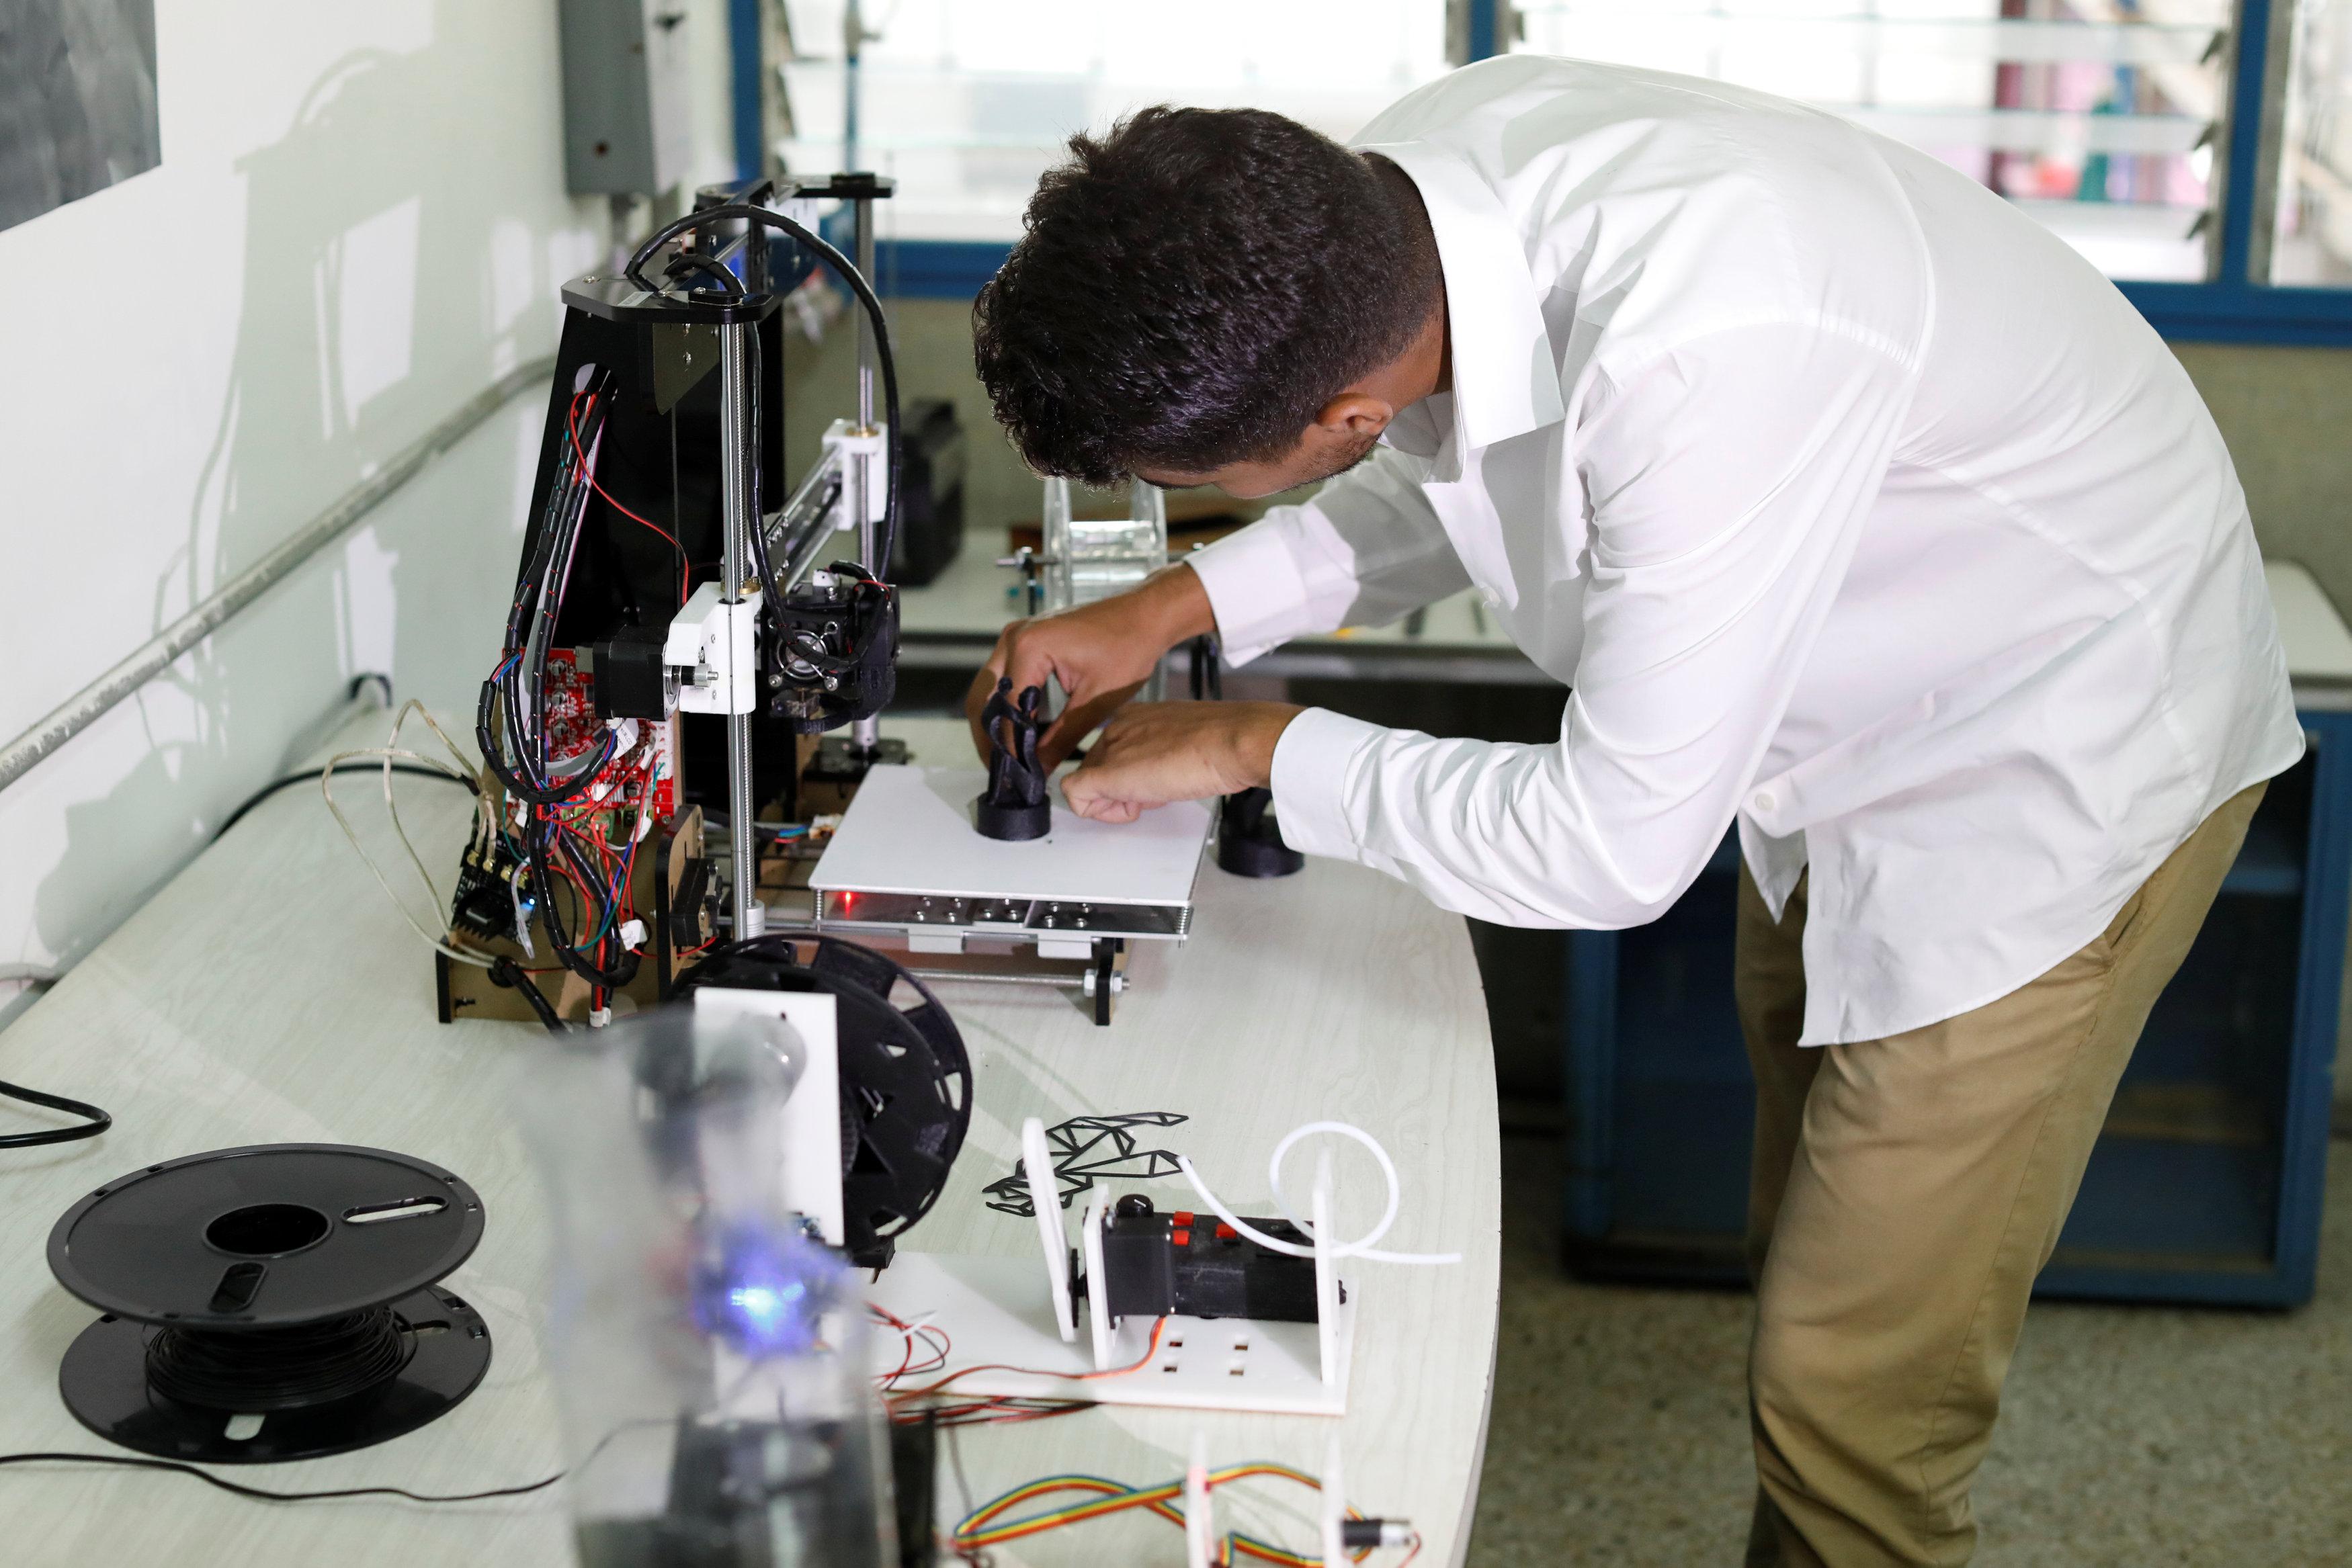 技術人員調整3D列印機,準備製造物品。(路透)